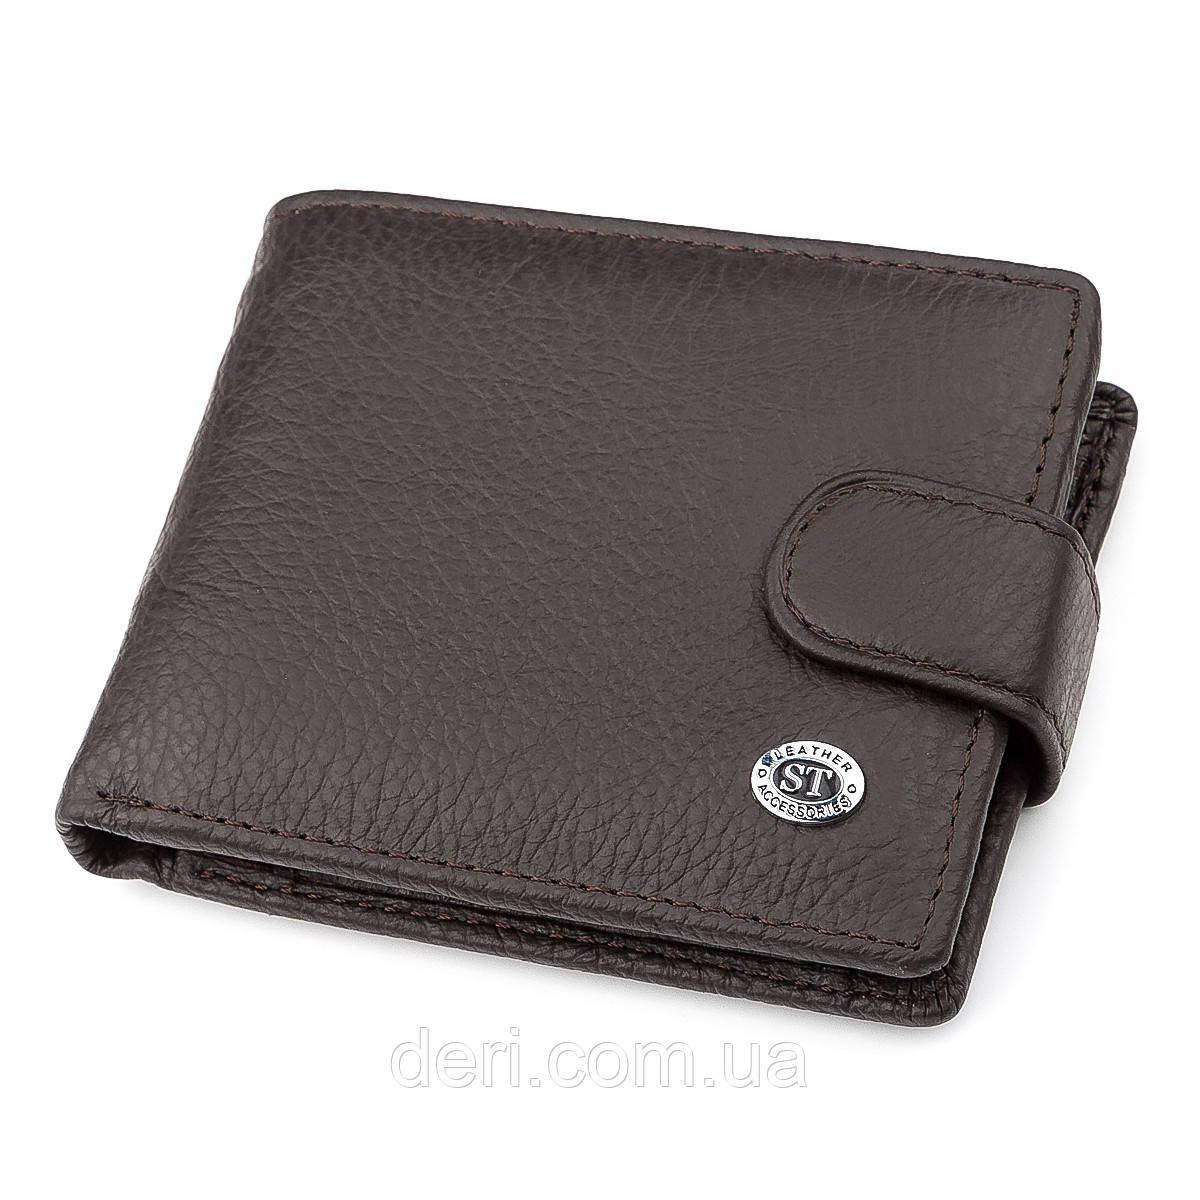 Чоловічий гаманець з натуральної шкіри коричневий ST Leather